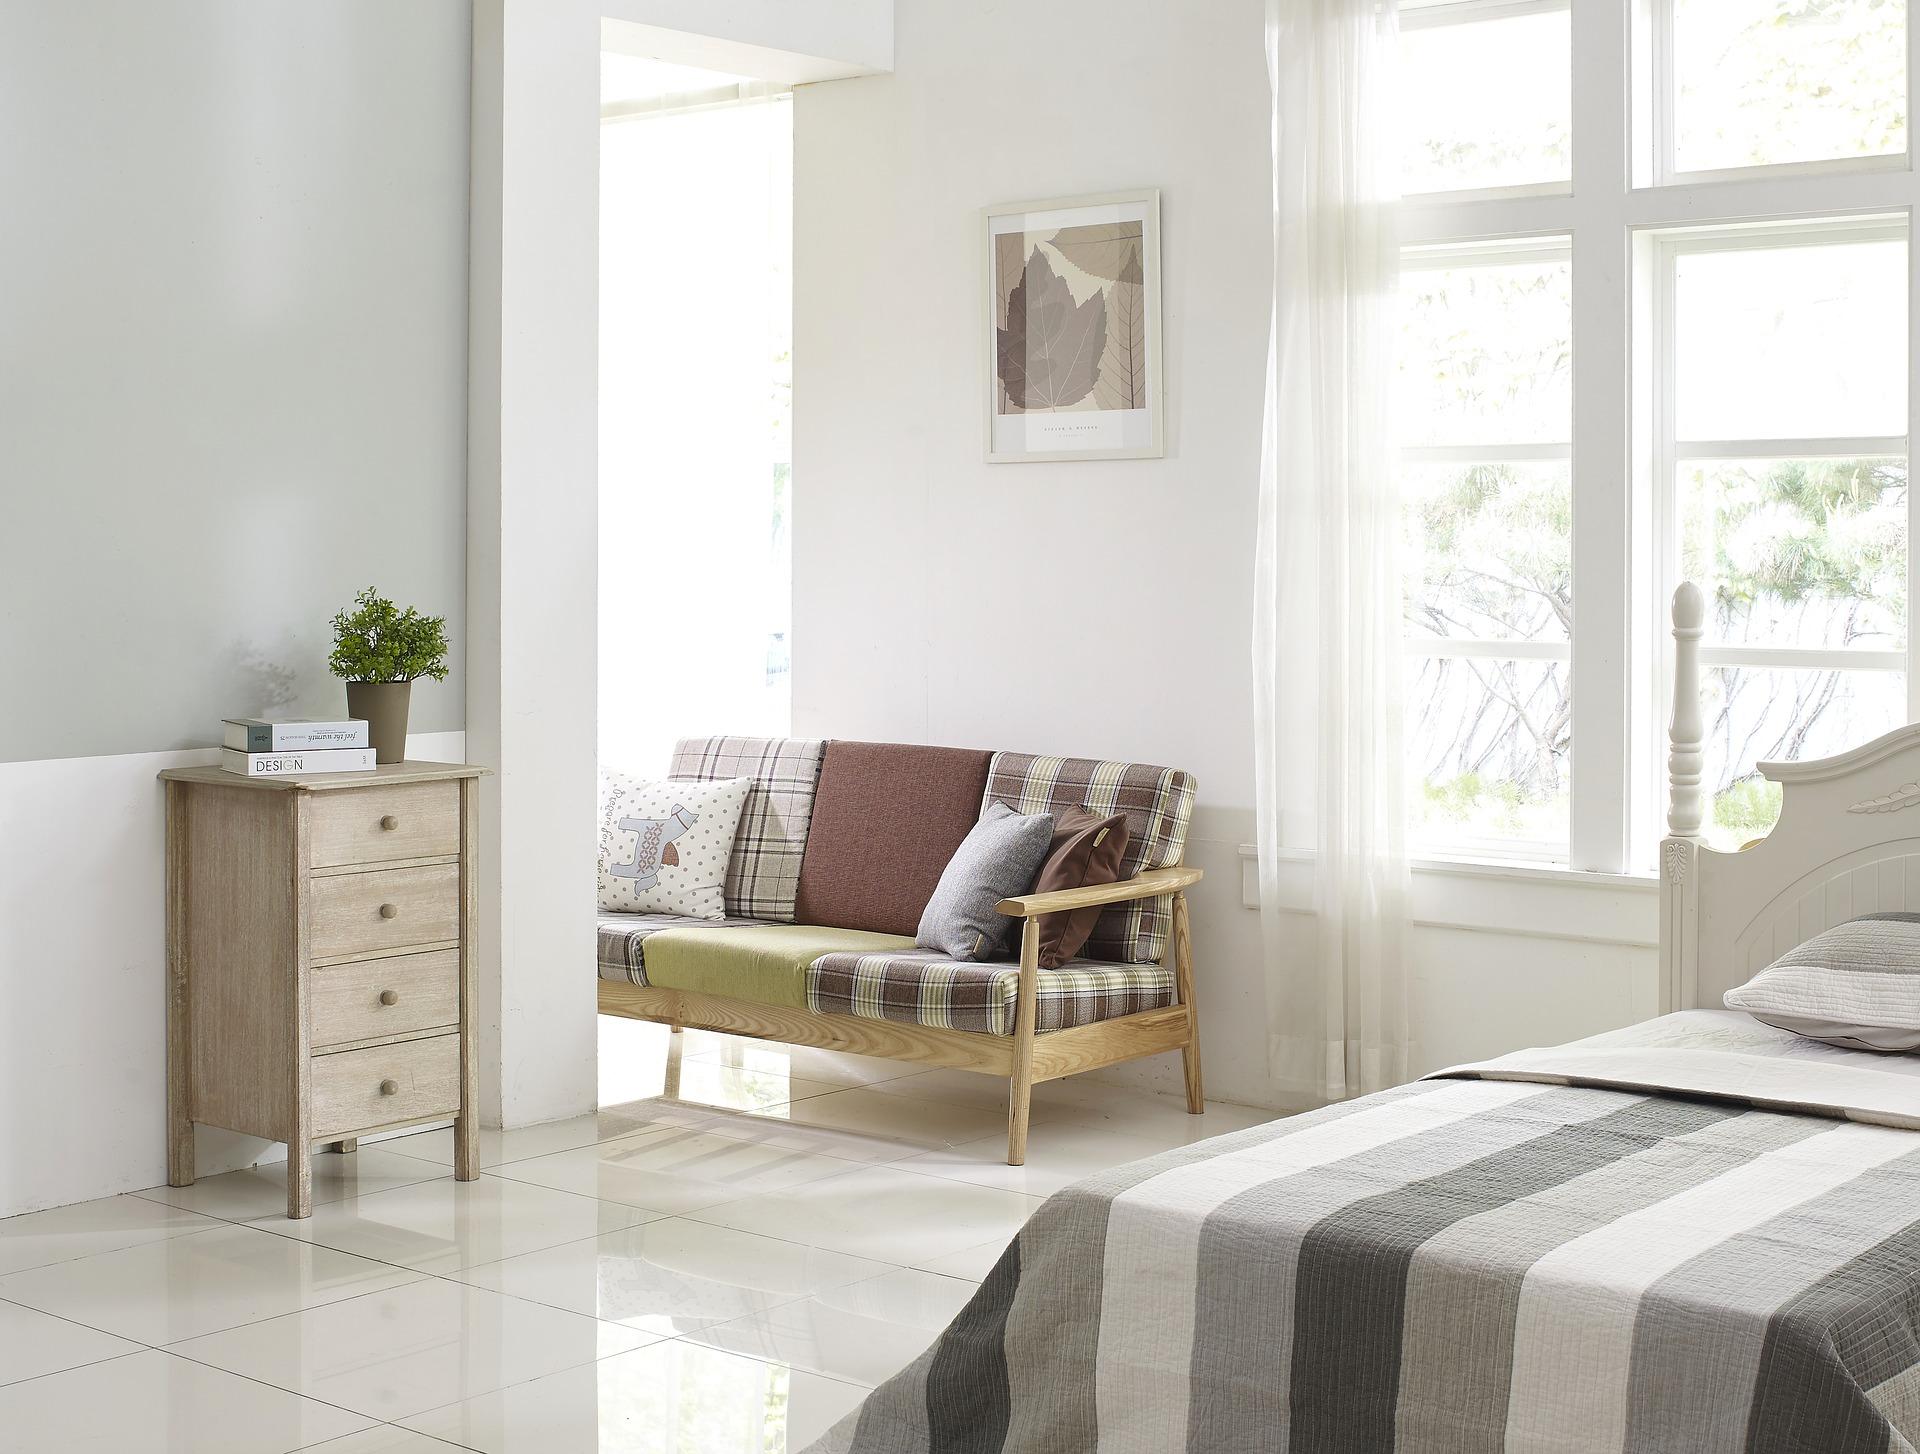 Isolation des murs intérieures et extérieures d'une habitation